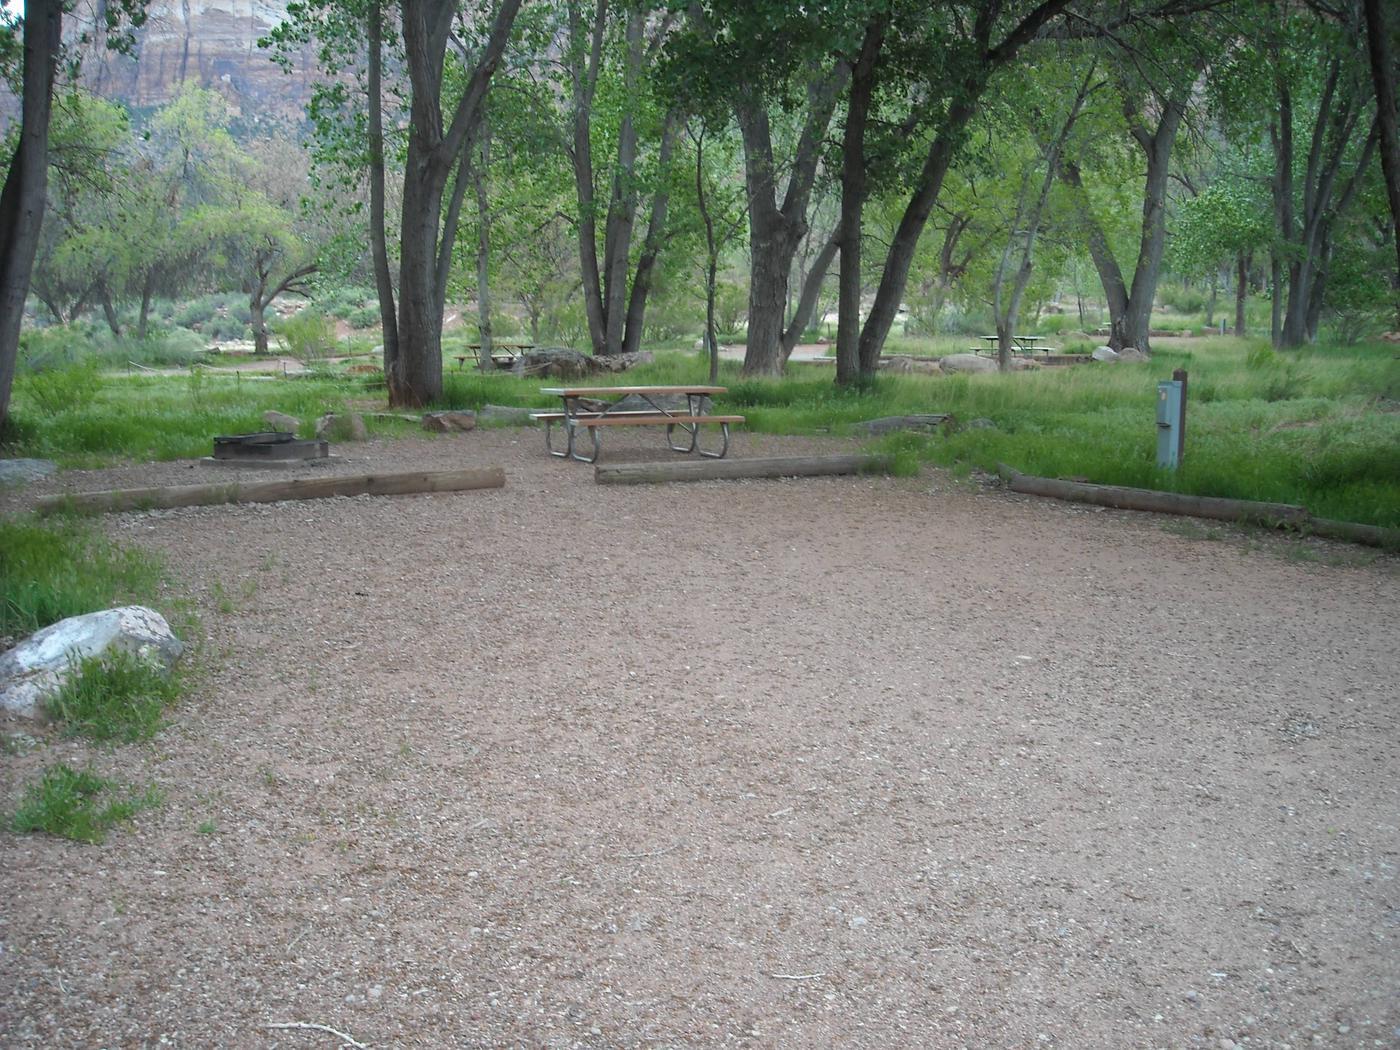 Campsite areaB12